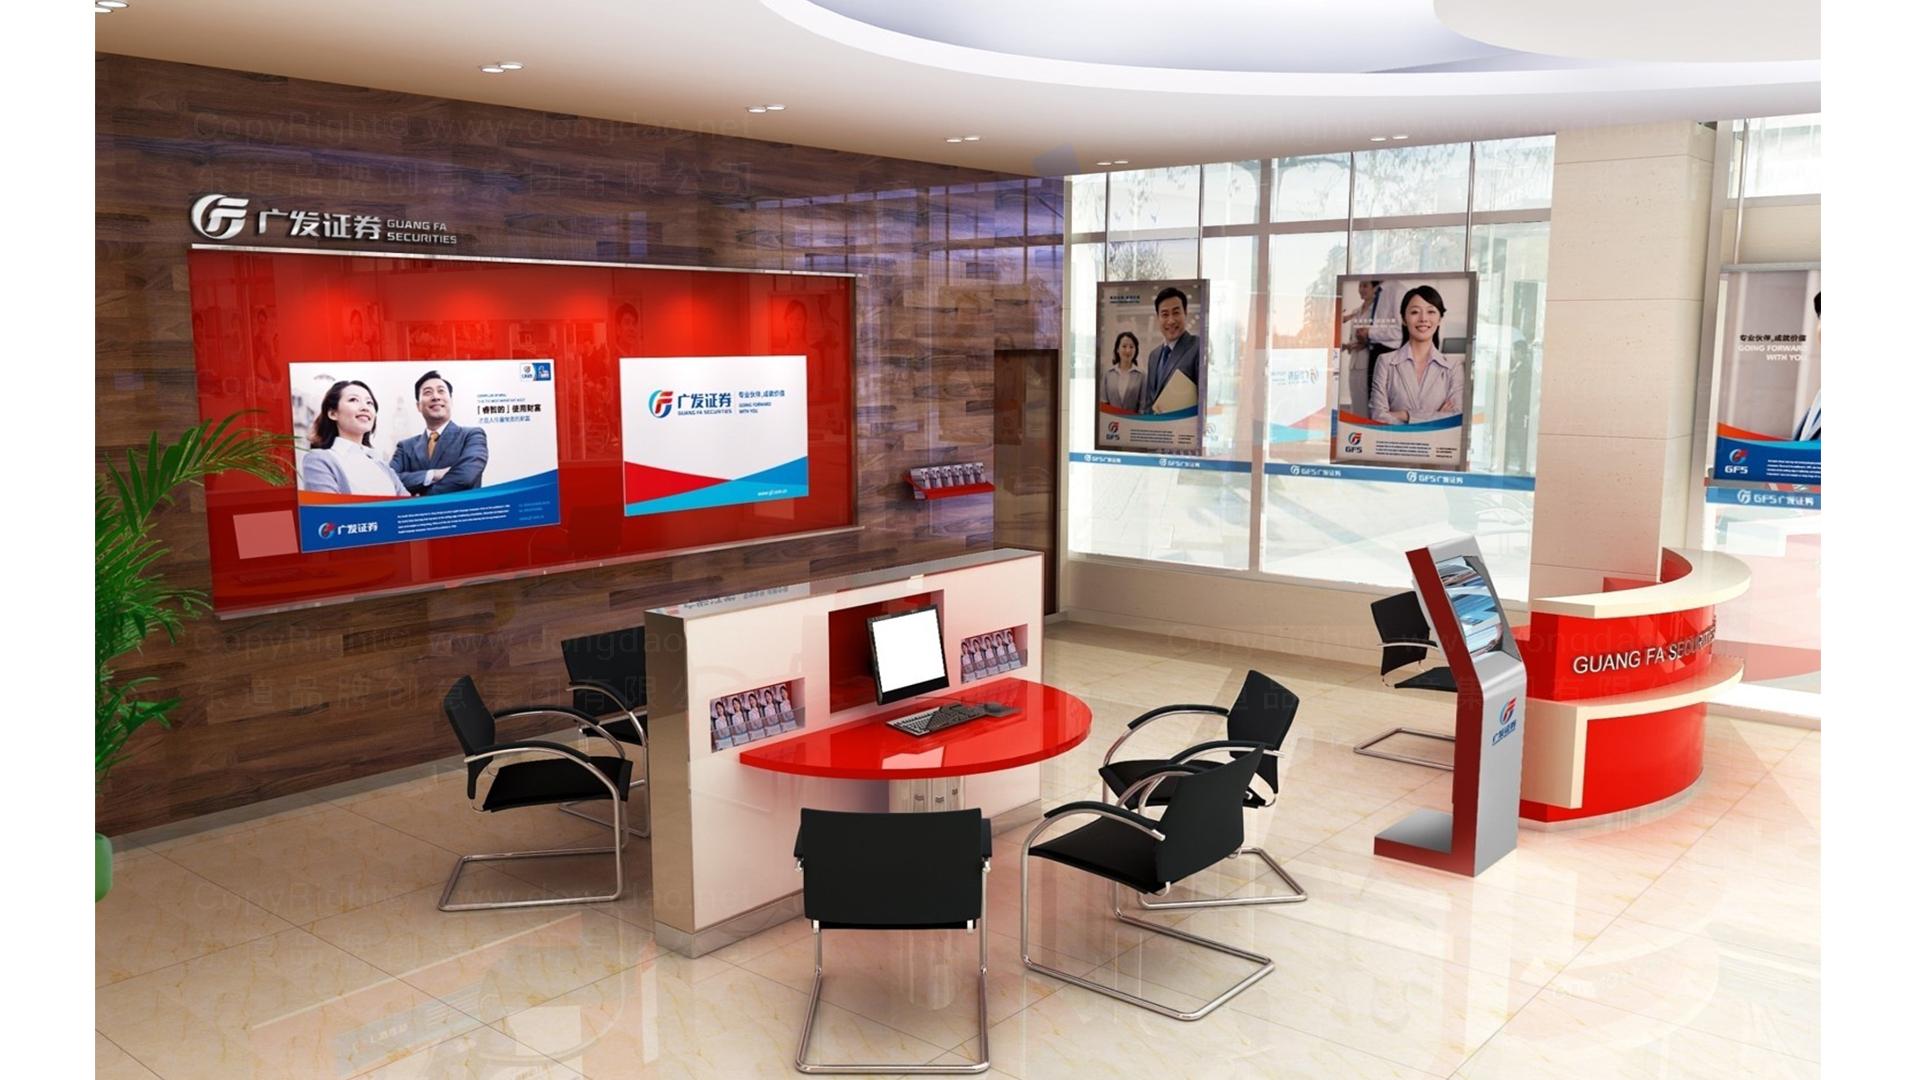 商业空间&导示广发证券SI设计应用场景_3